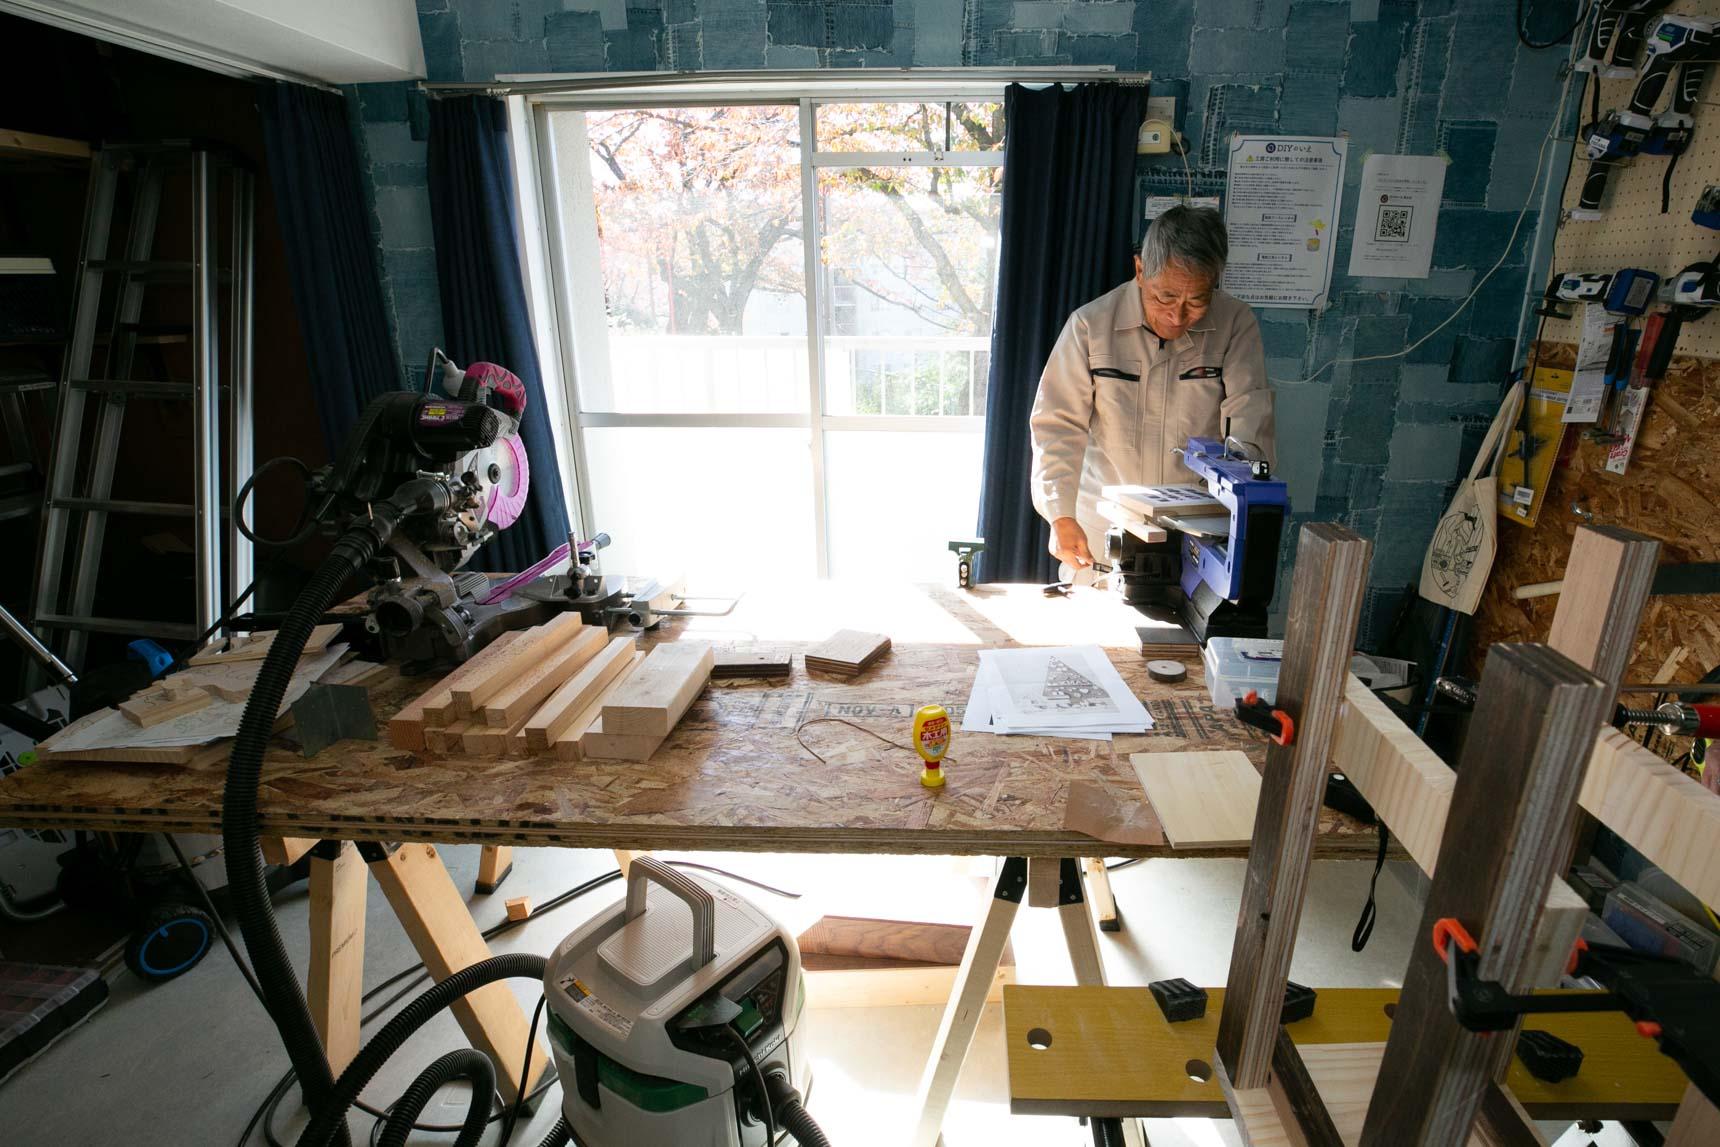 工房には、たくさんの工具が揃えられていて、技術に詳しいスタッフがサポートをしてくださいます。住人の方がスタッフとして参加してくださるようにもなったそう。